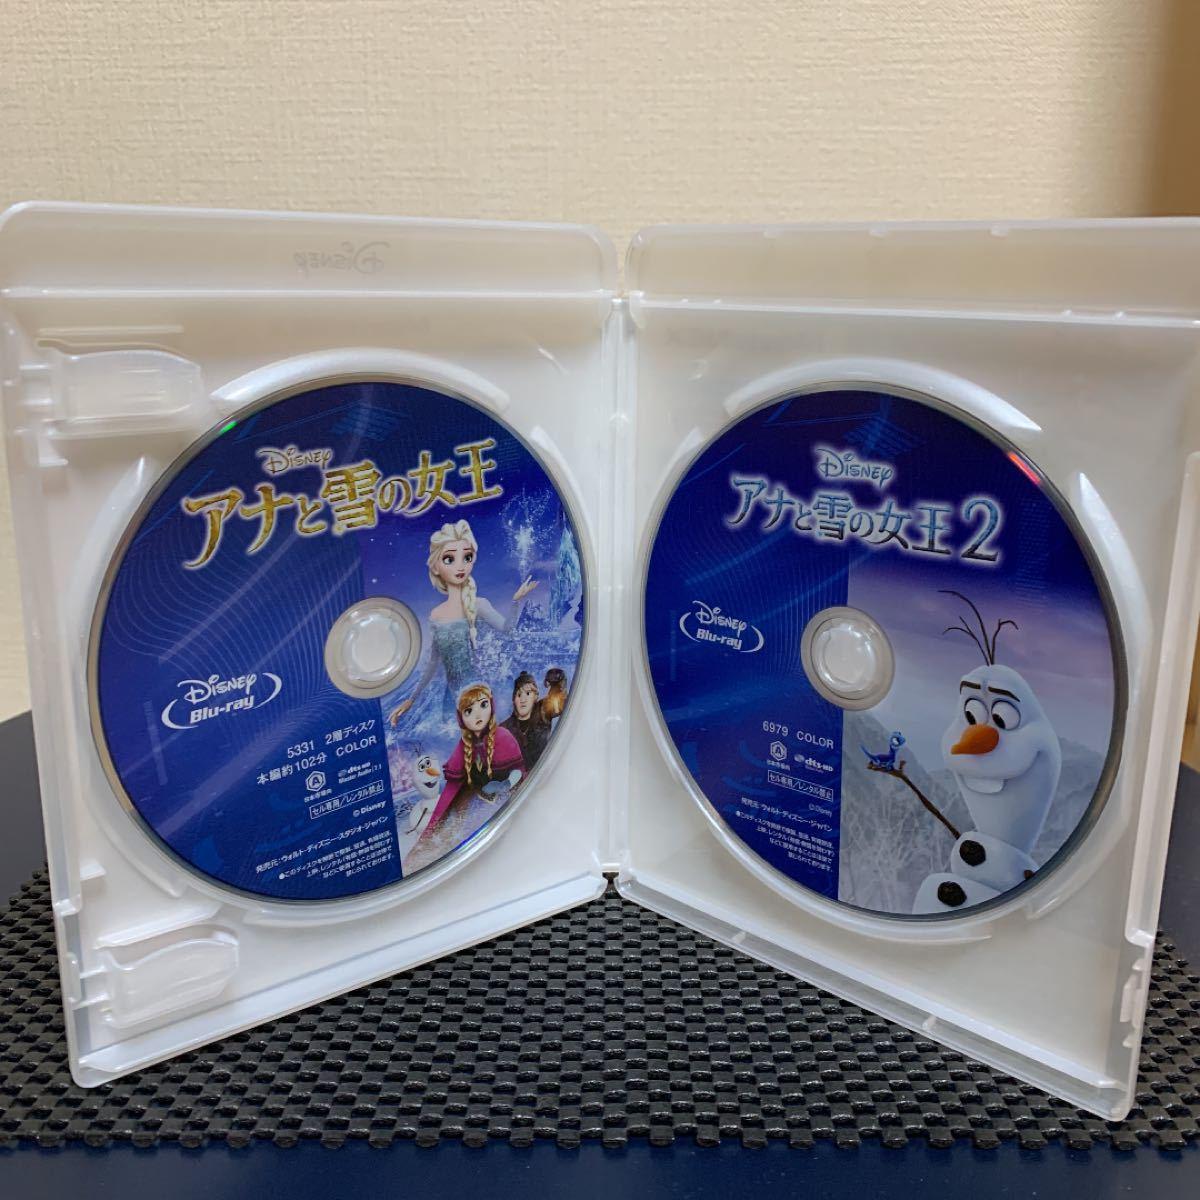 アナと雪の女王 1・2 ブルーレイセット 正規ケース付き ディズニー